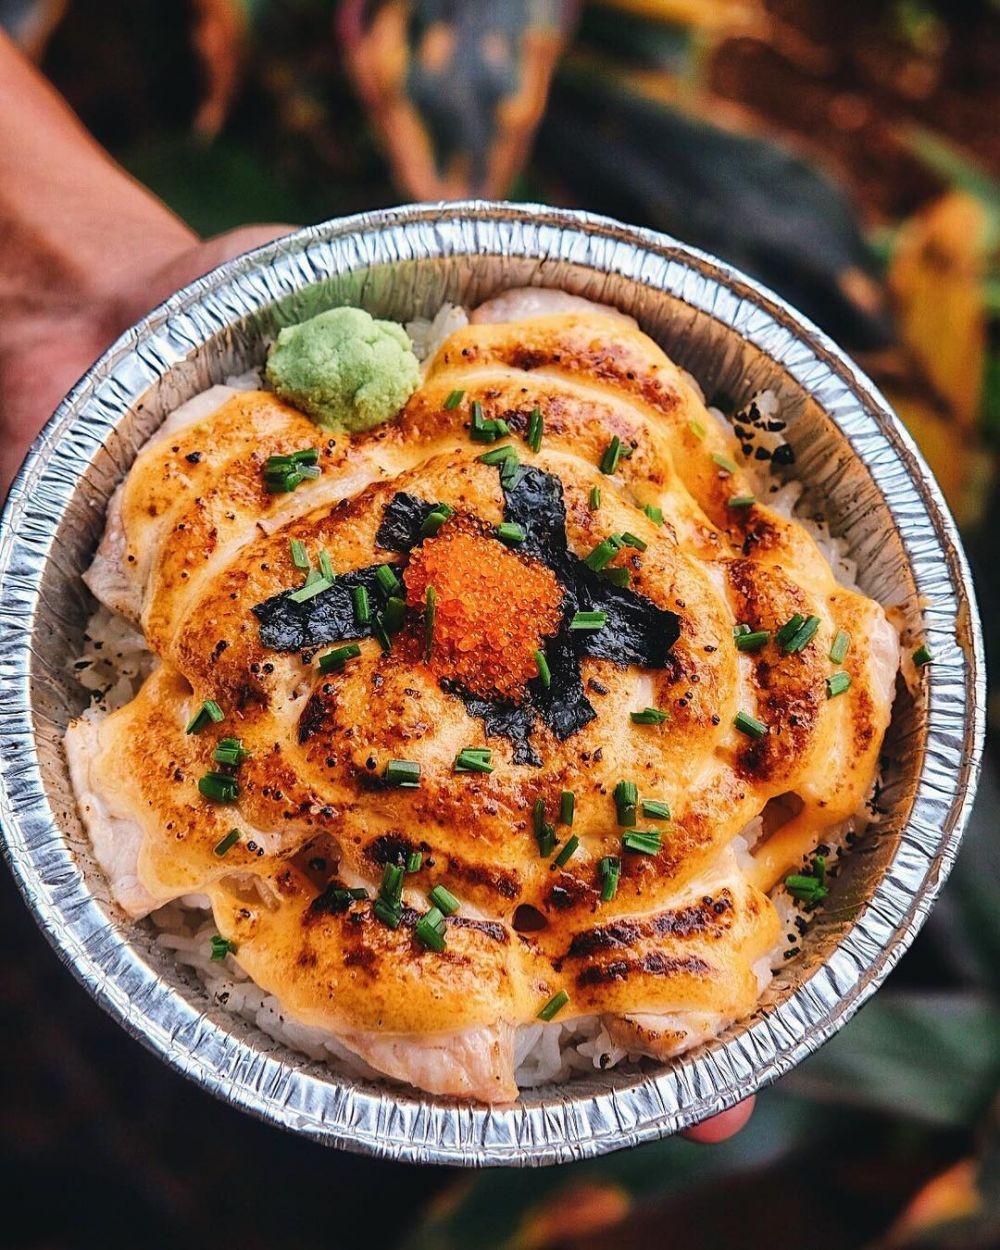 Resep Salmon Mentai Yang Simpel Dan Enak Gak Perlu Ke Kafe Mahal Resep Salmon Makanan Jepang Resep Sushi